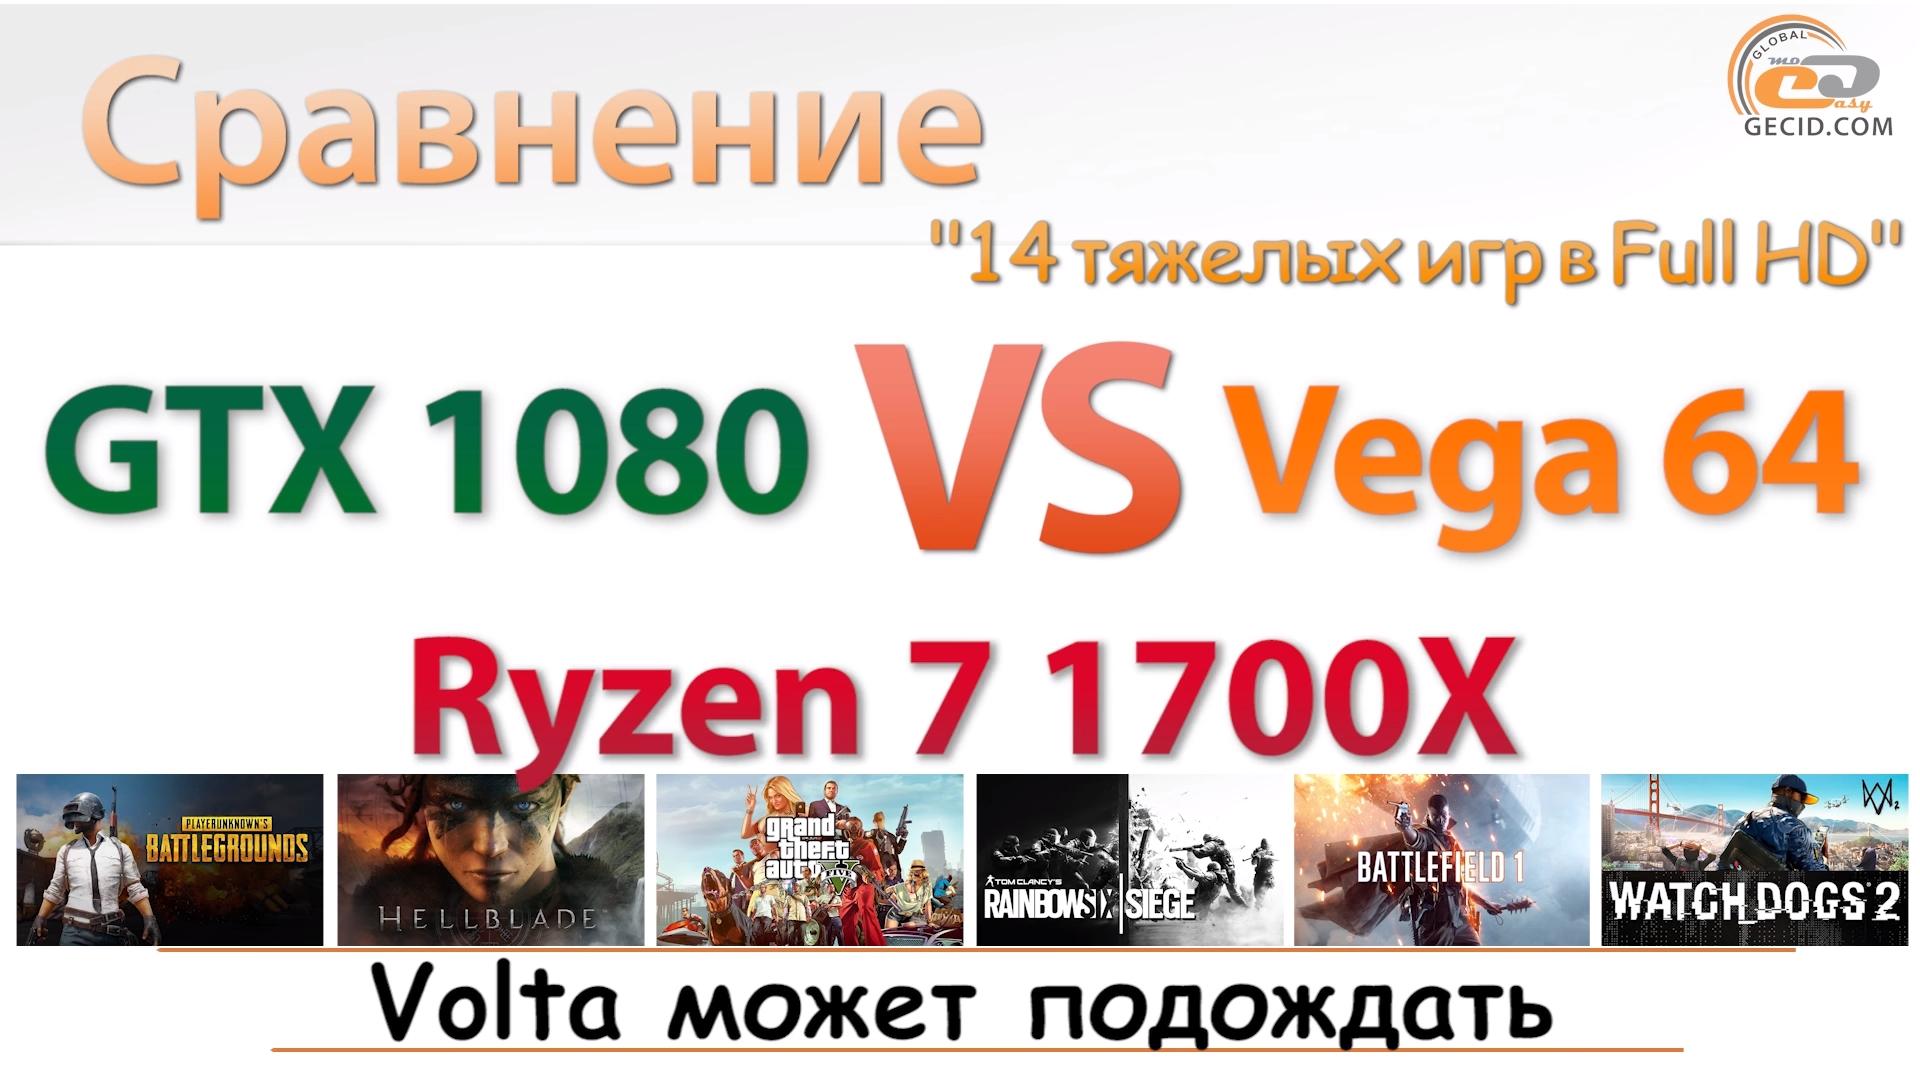 Сравнение видеокарт Radeon RX Vega 64 vs GeForce GTX 1080 в Full HD